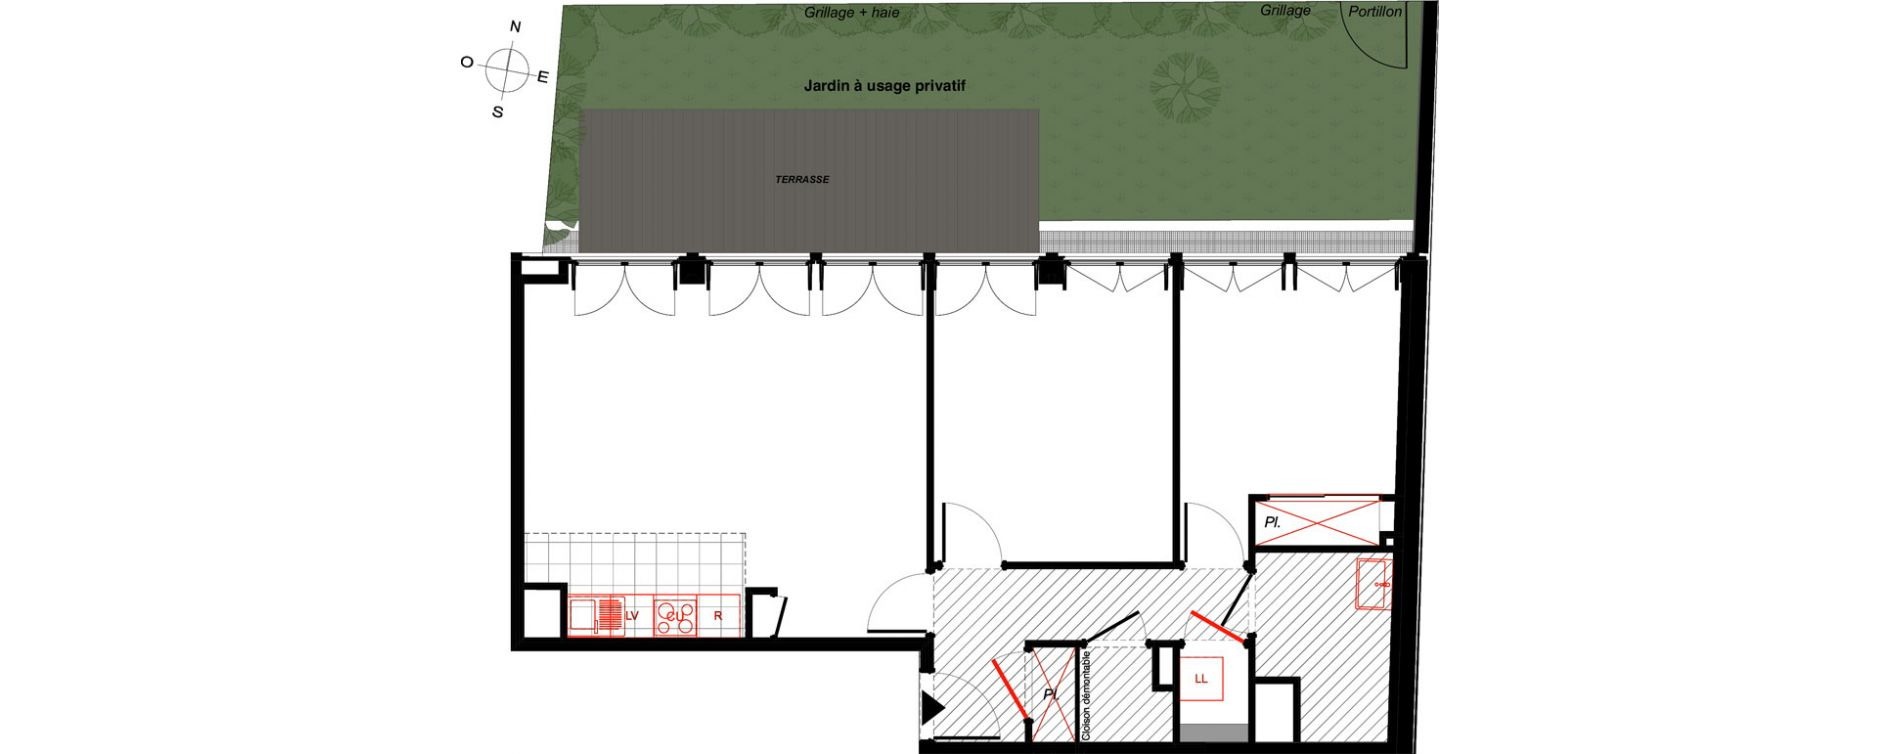 Appartement T3 de 66,41 m2 à Saint-Malo Intra-muros